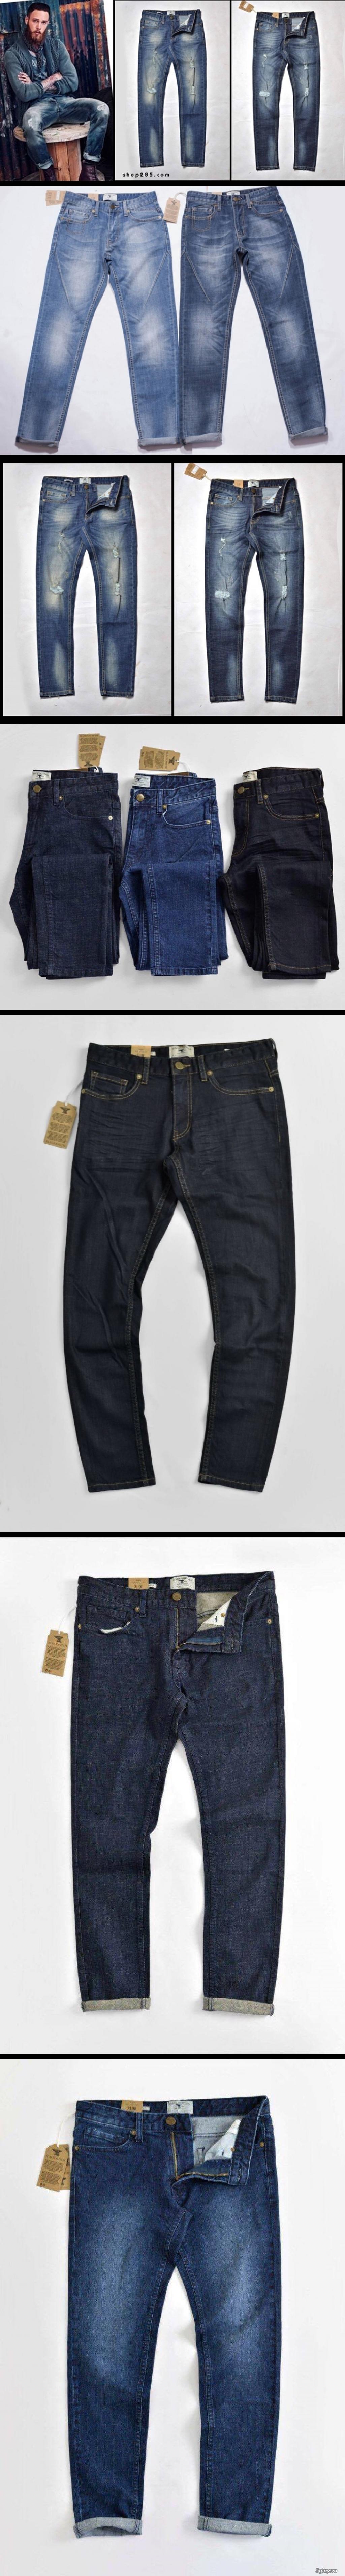 Shop285.com - Shop quần áo thời trang nam VNXK mẫu mới về liên tục ^^ - 20